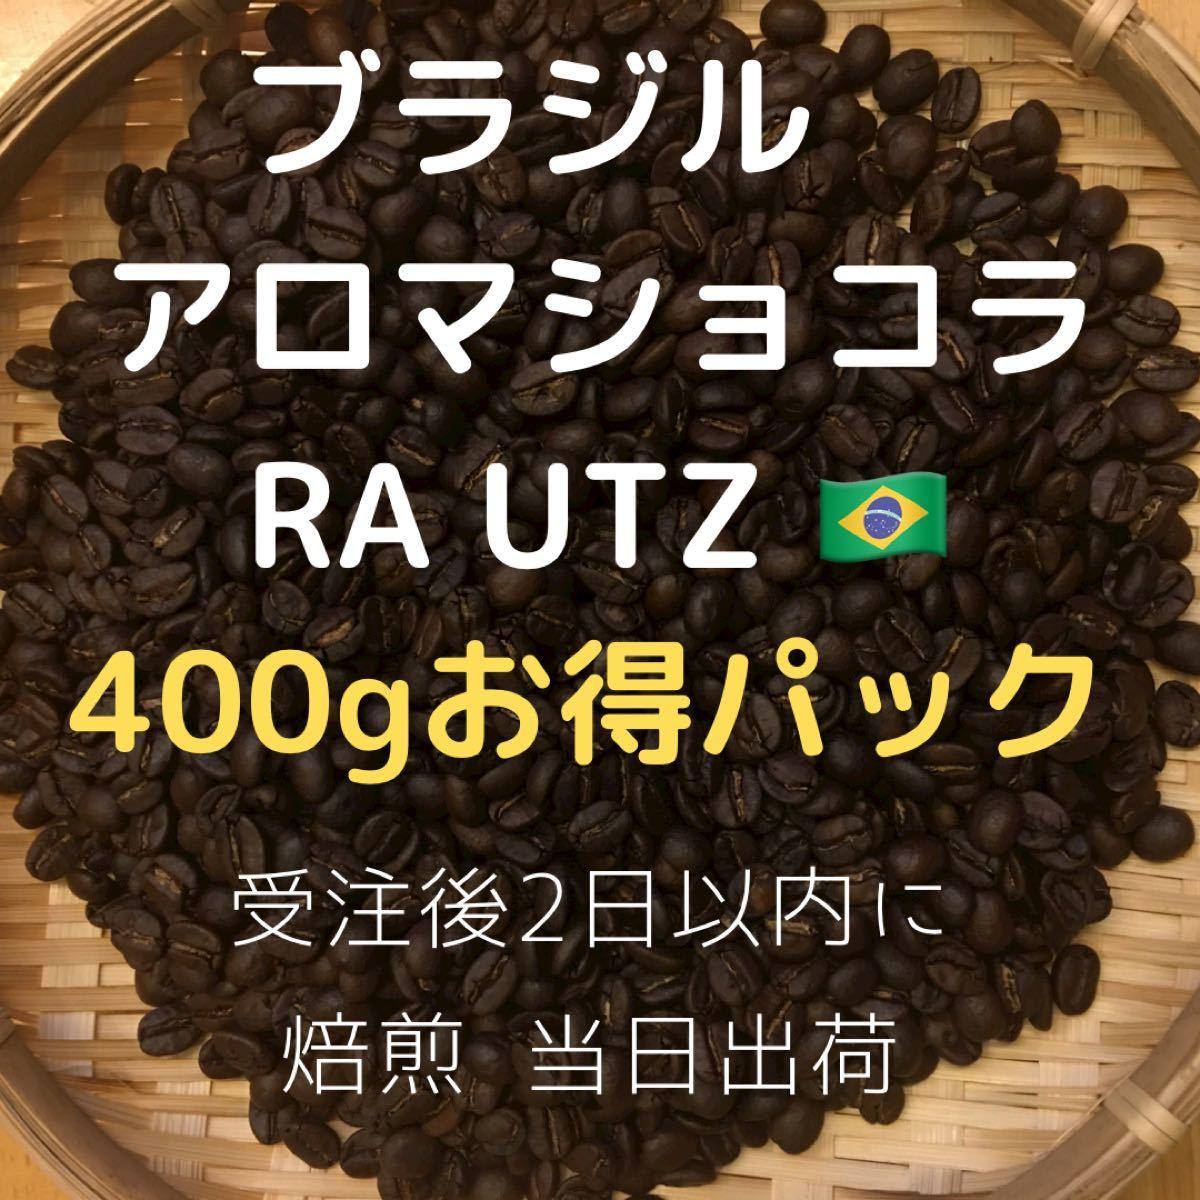 自家焙煎 ブラジル アロマショコラRA UTZ 400g(豆又は粉)匿名配送